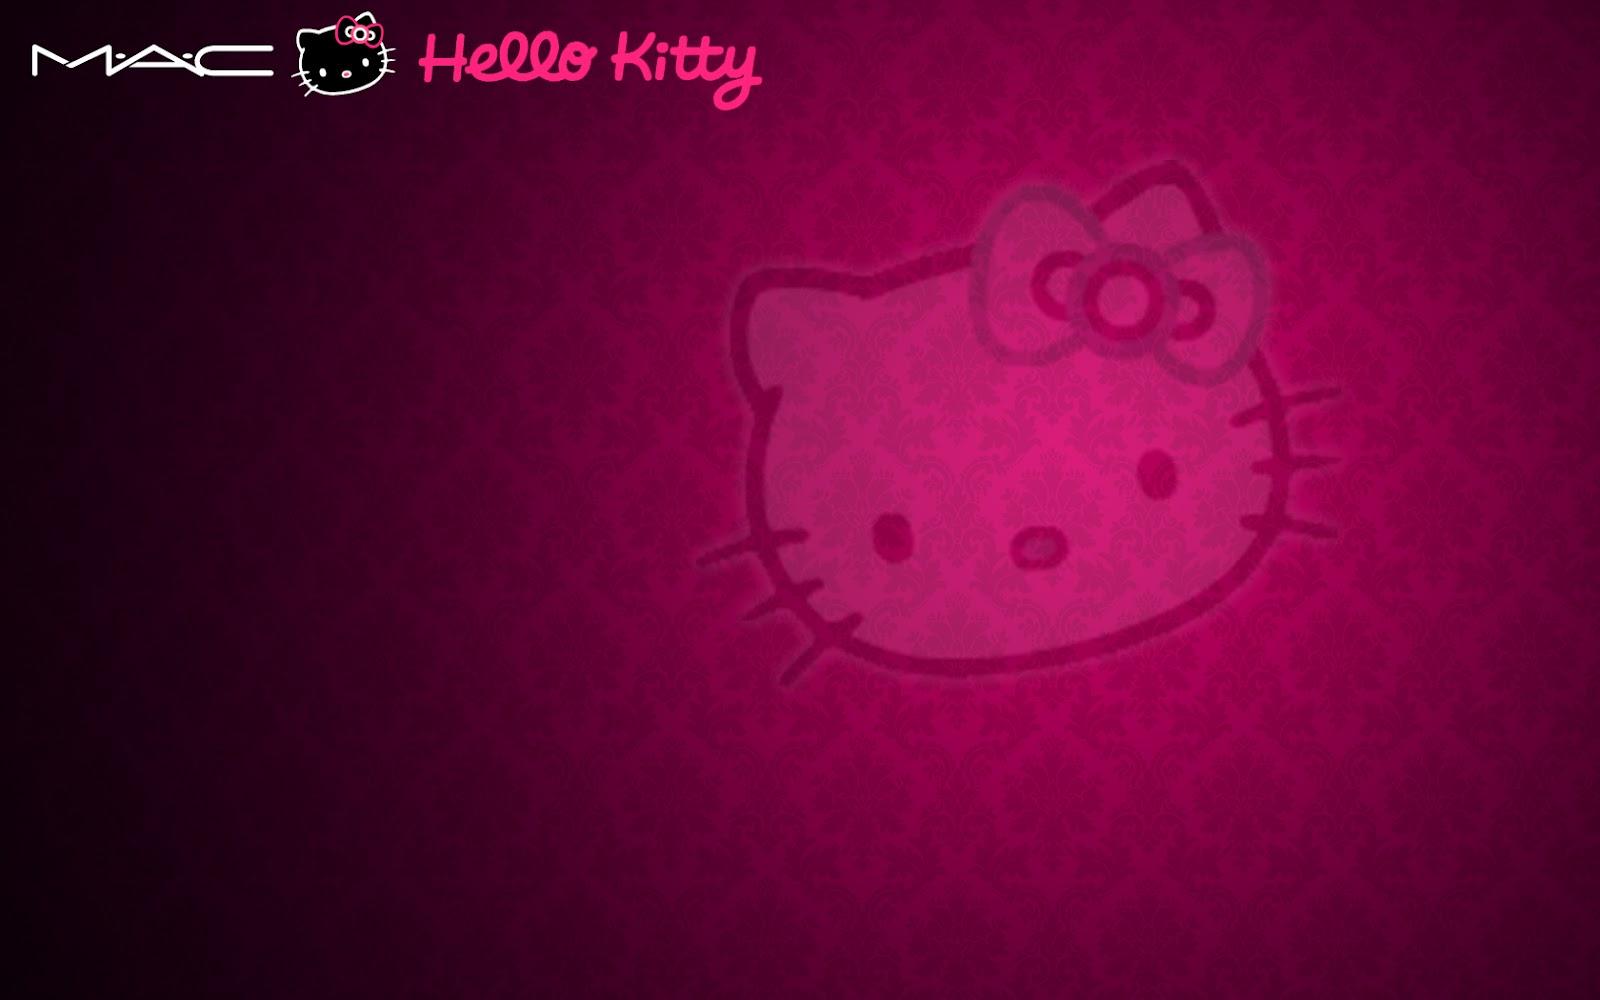 hello kitty wallpaper hello kitty wallpaper pink cute hello kitty 1600x1000